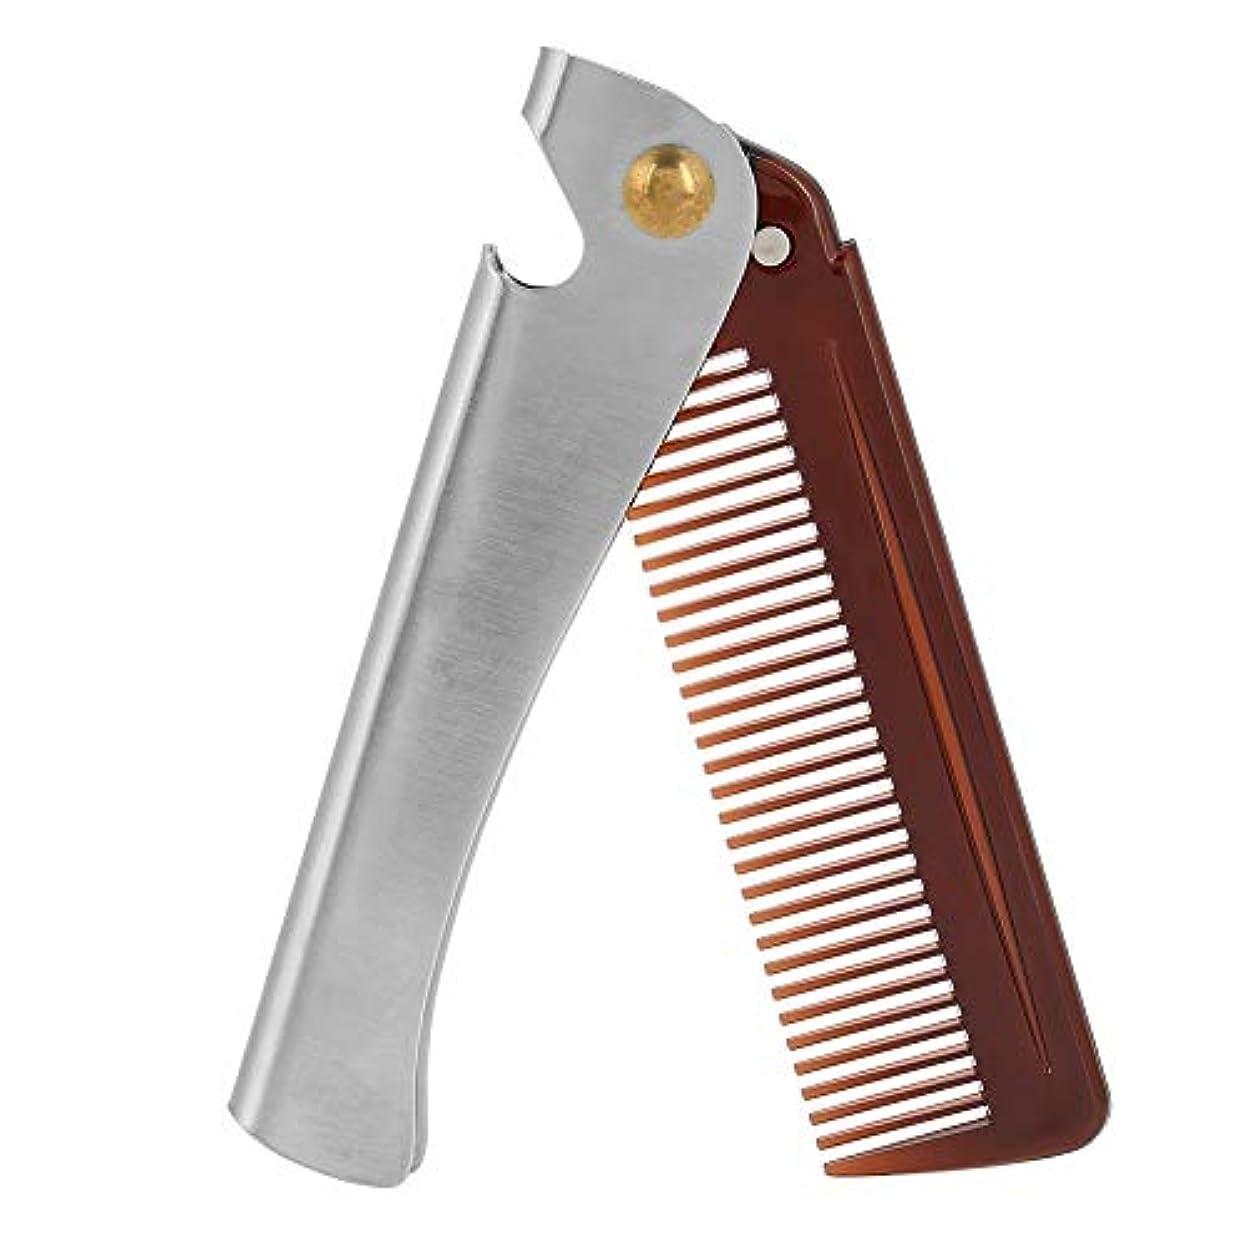 知覚できる非公式かかわらずステンレス製のひげの櫛の携帯用ステンレス製のひげの櫛の携帯用折りたたみ口ひげ用具の栓抜き